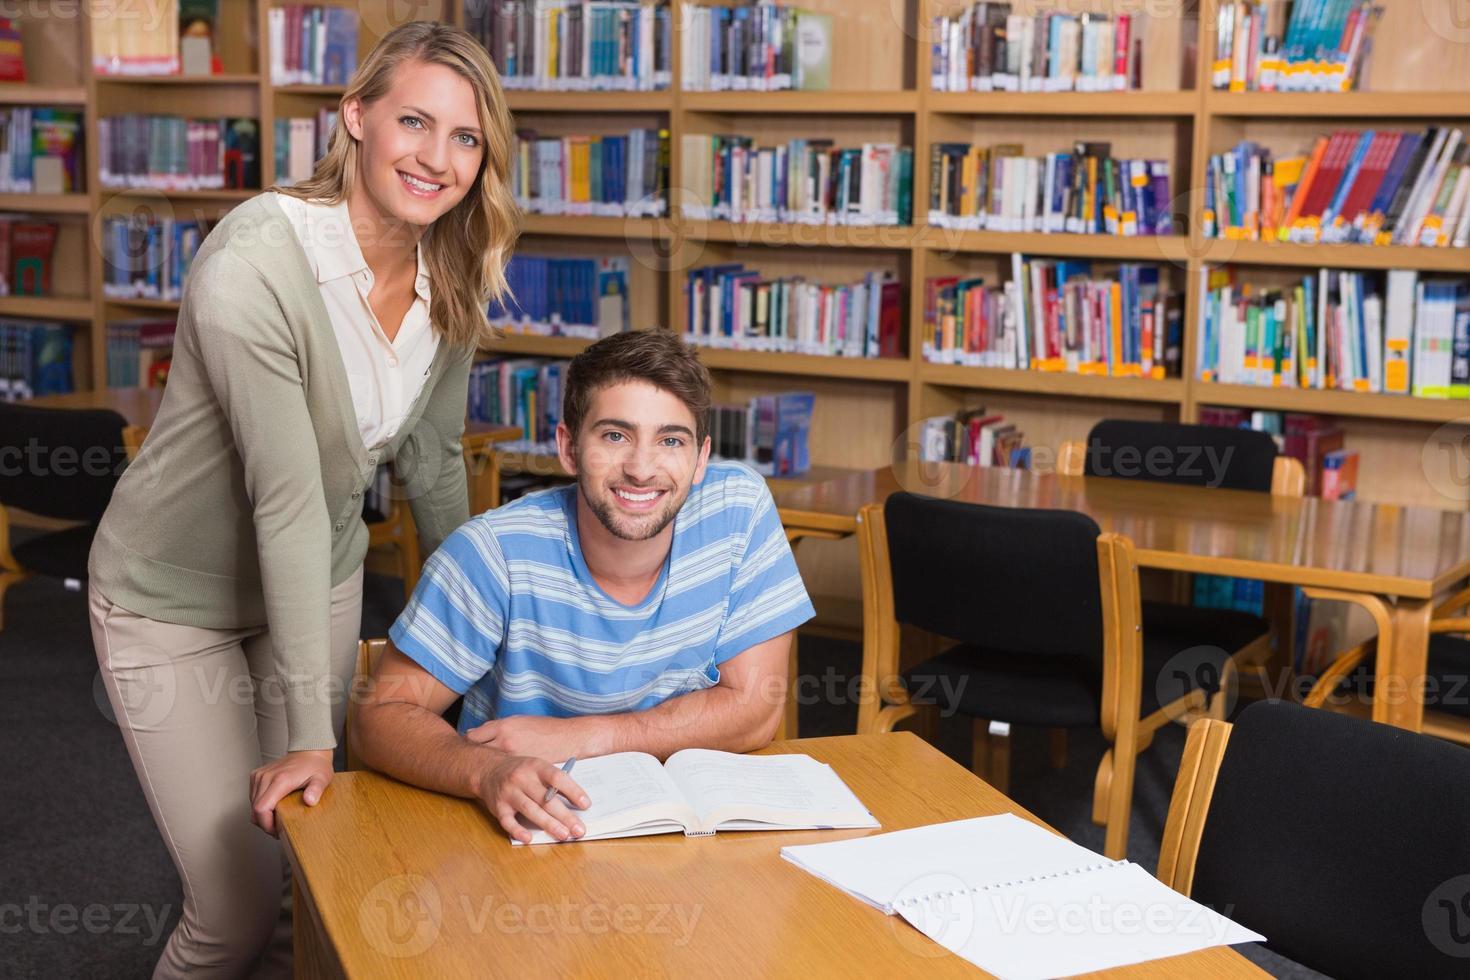 studente che ottiene aiuto dal tutor in biblioteca foto